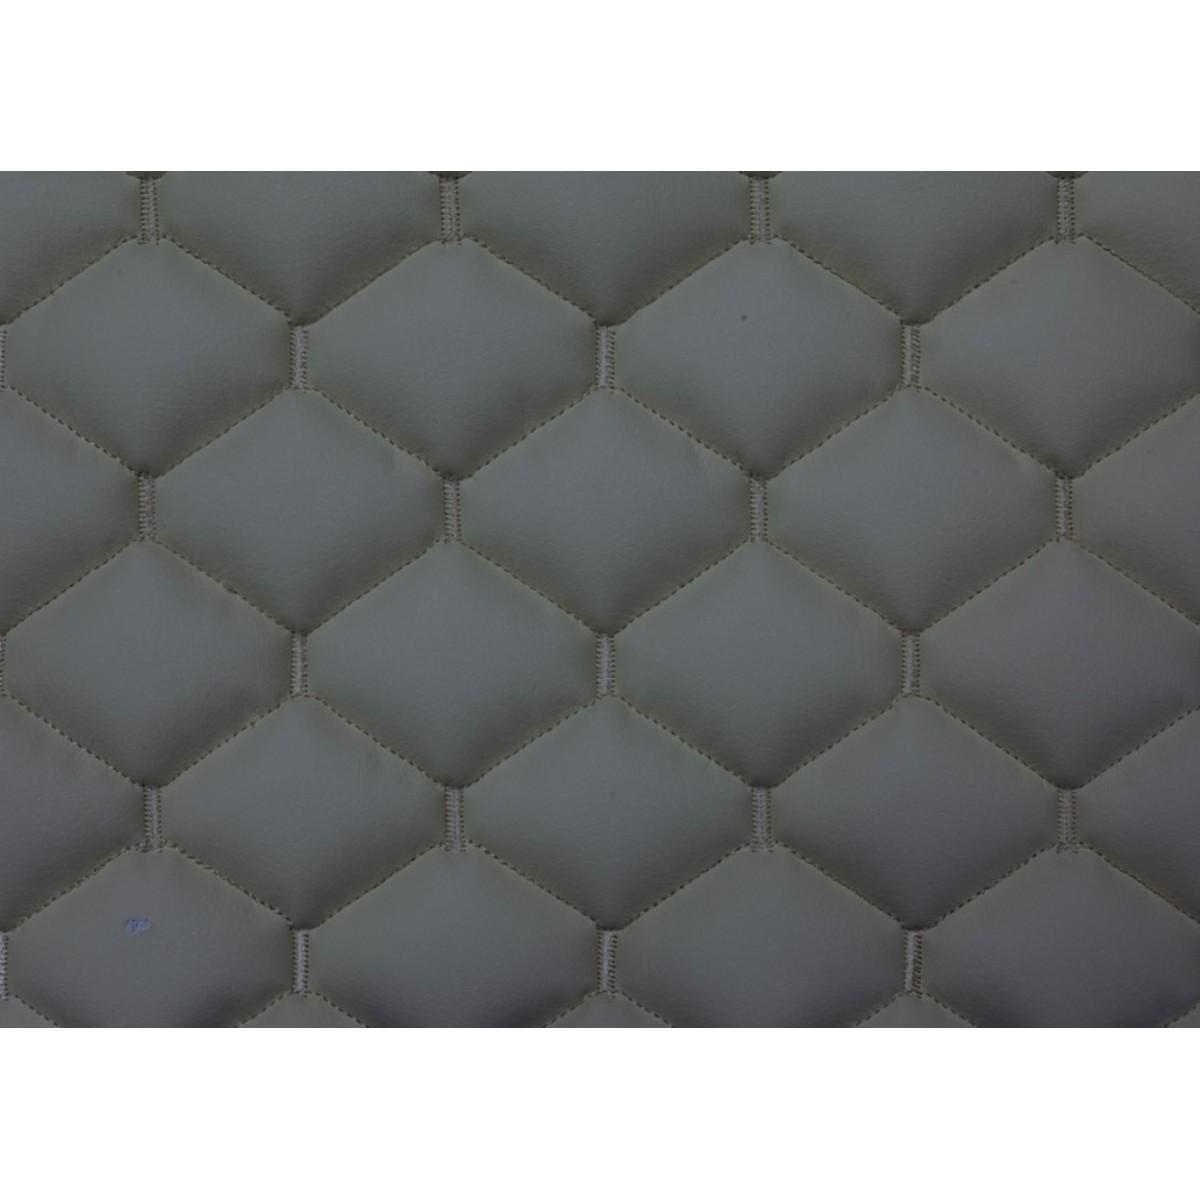 Обои текстильные Экоwall Legend серые 20-704-505-27 1.34 м